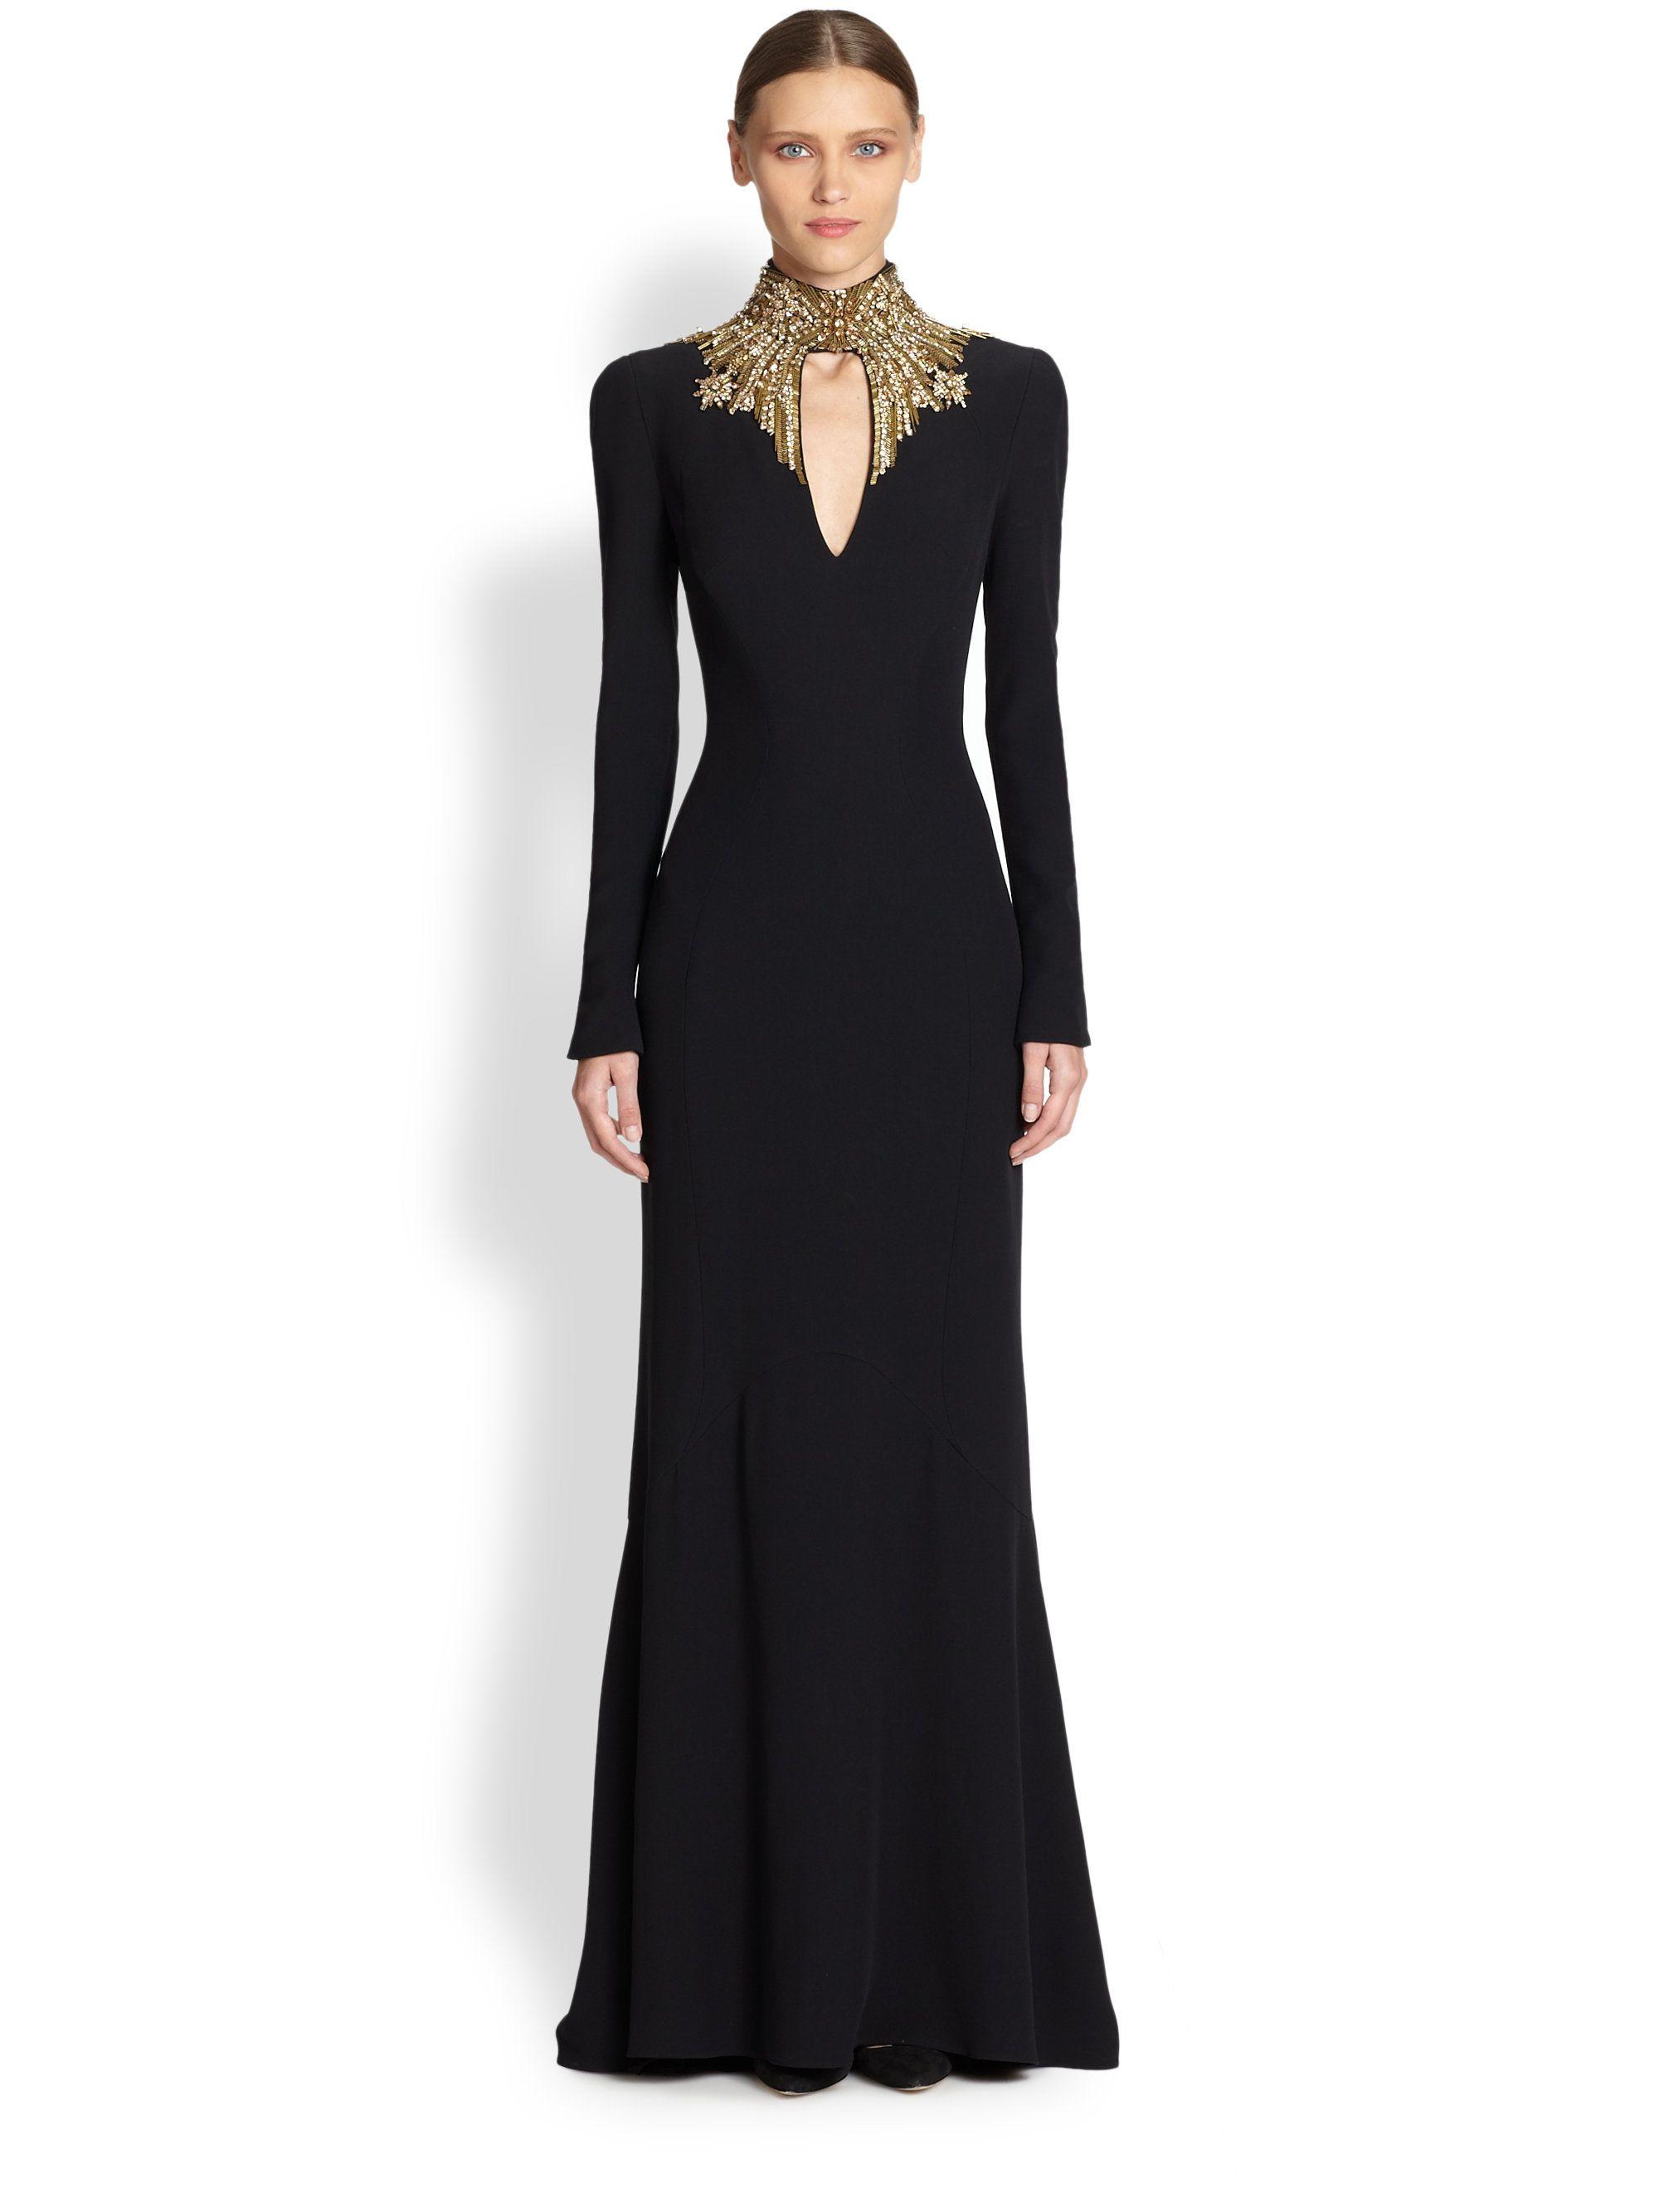 Alexander Mcqueen Crepe Jewelneck Gown in Black   My Style ...